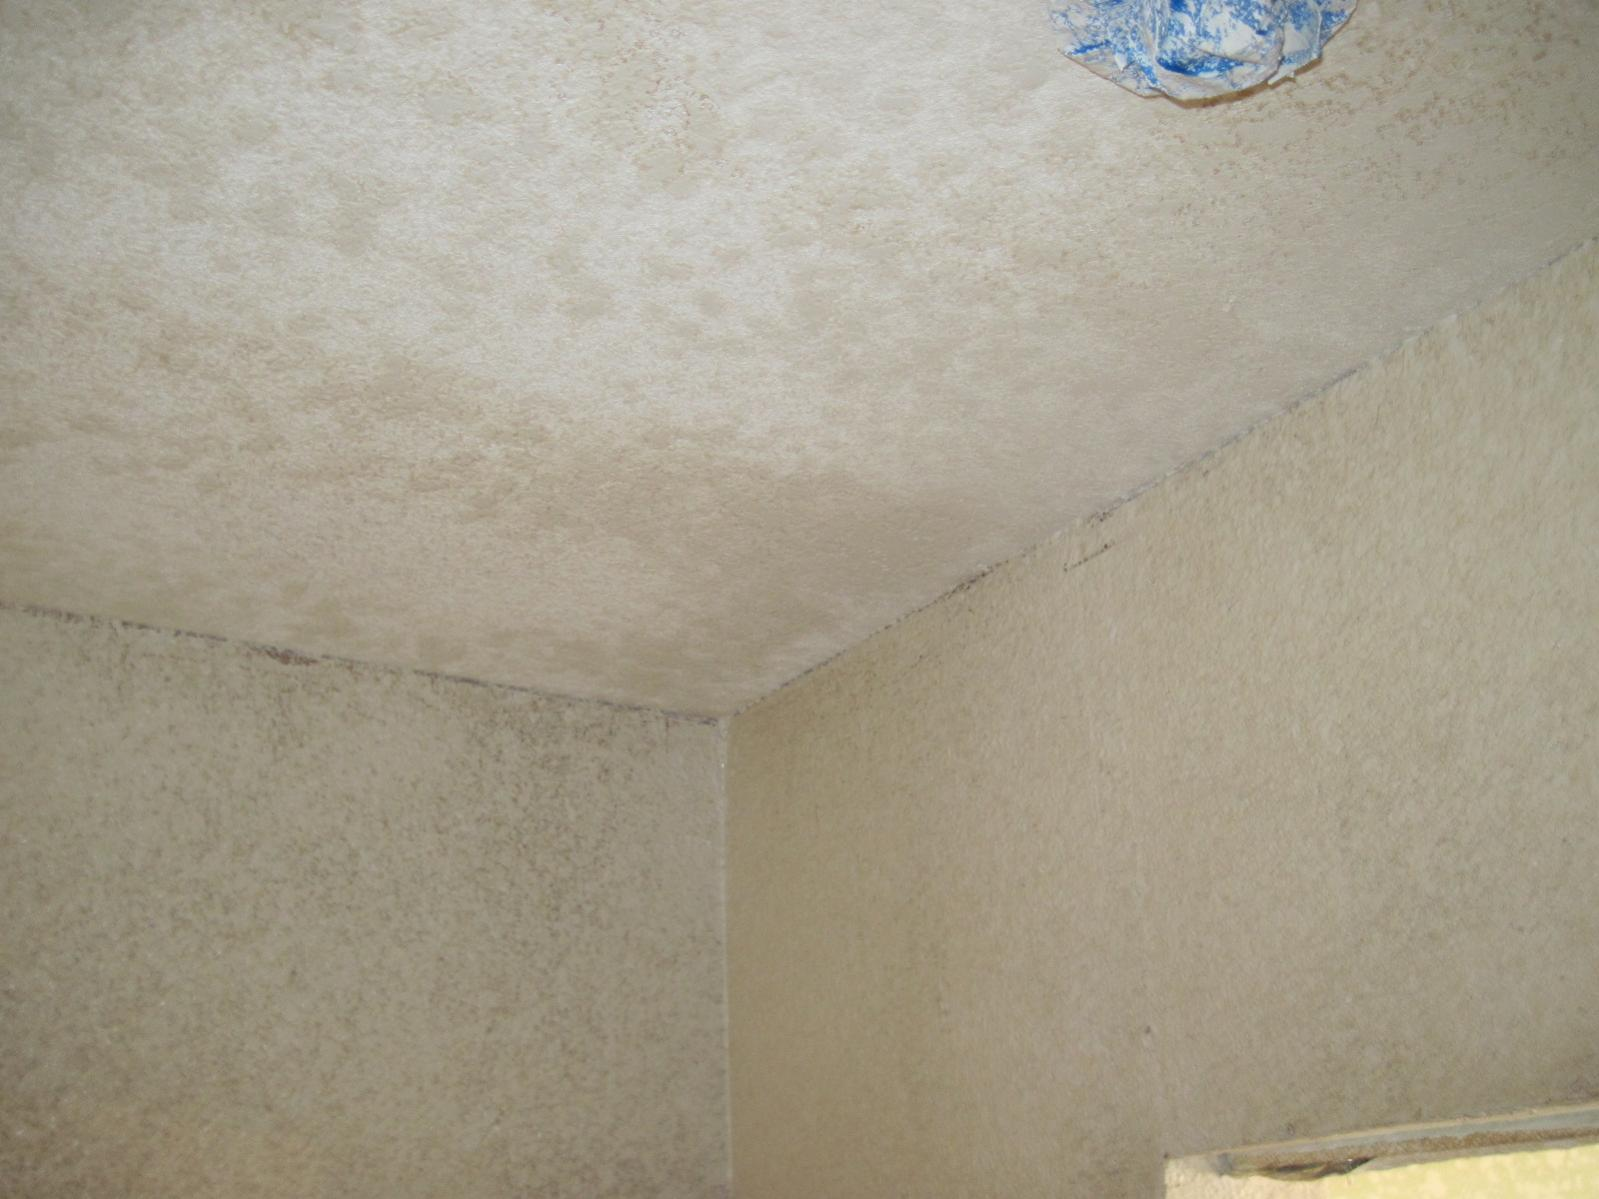 Texturing OSB Drywall Contractor Talk